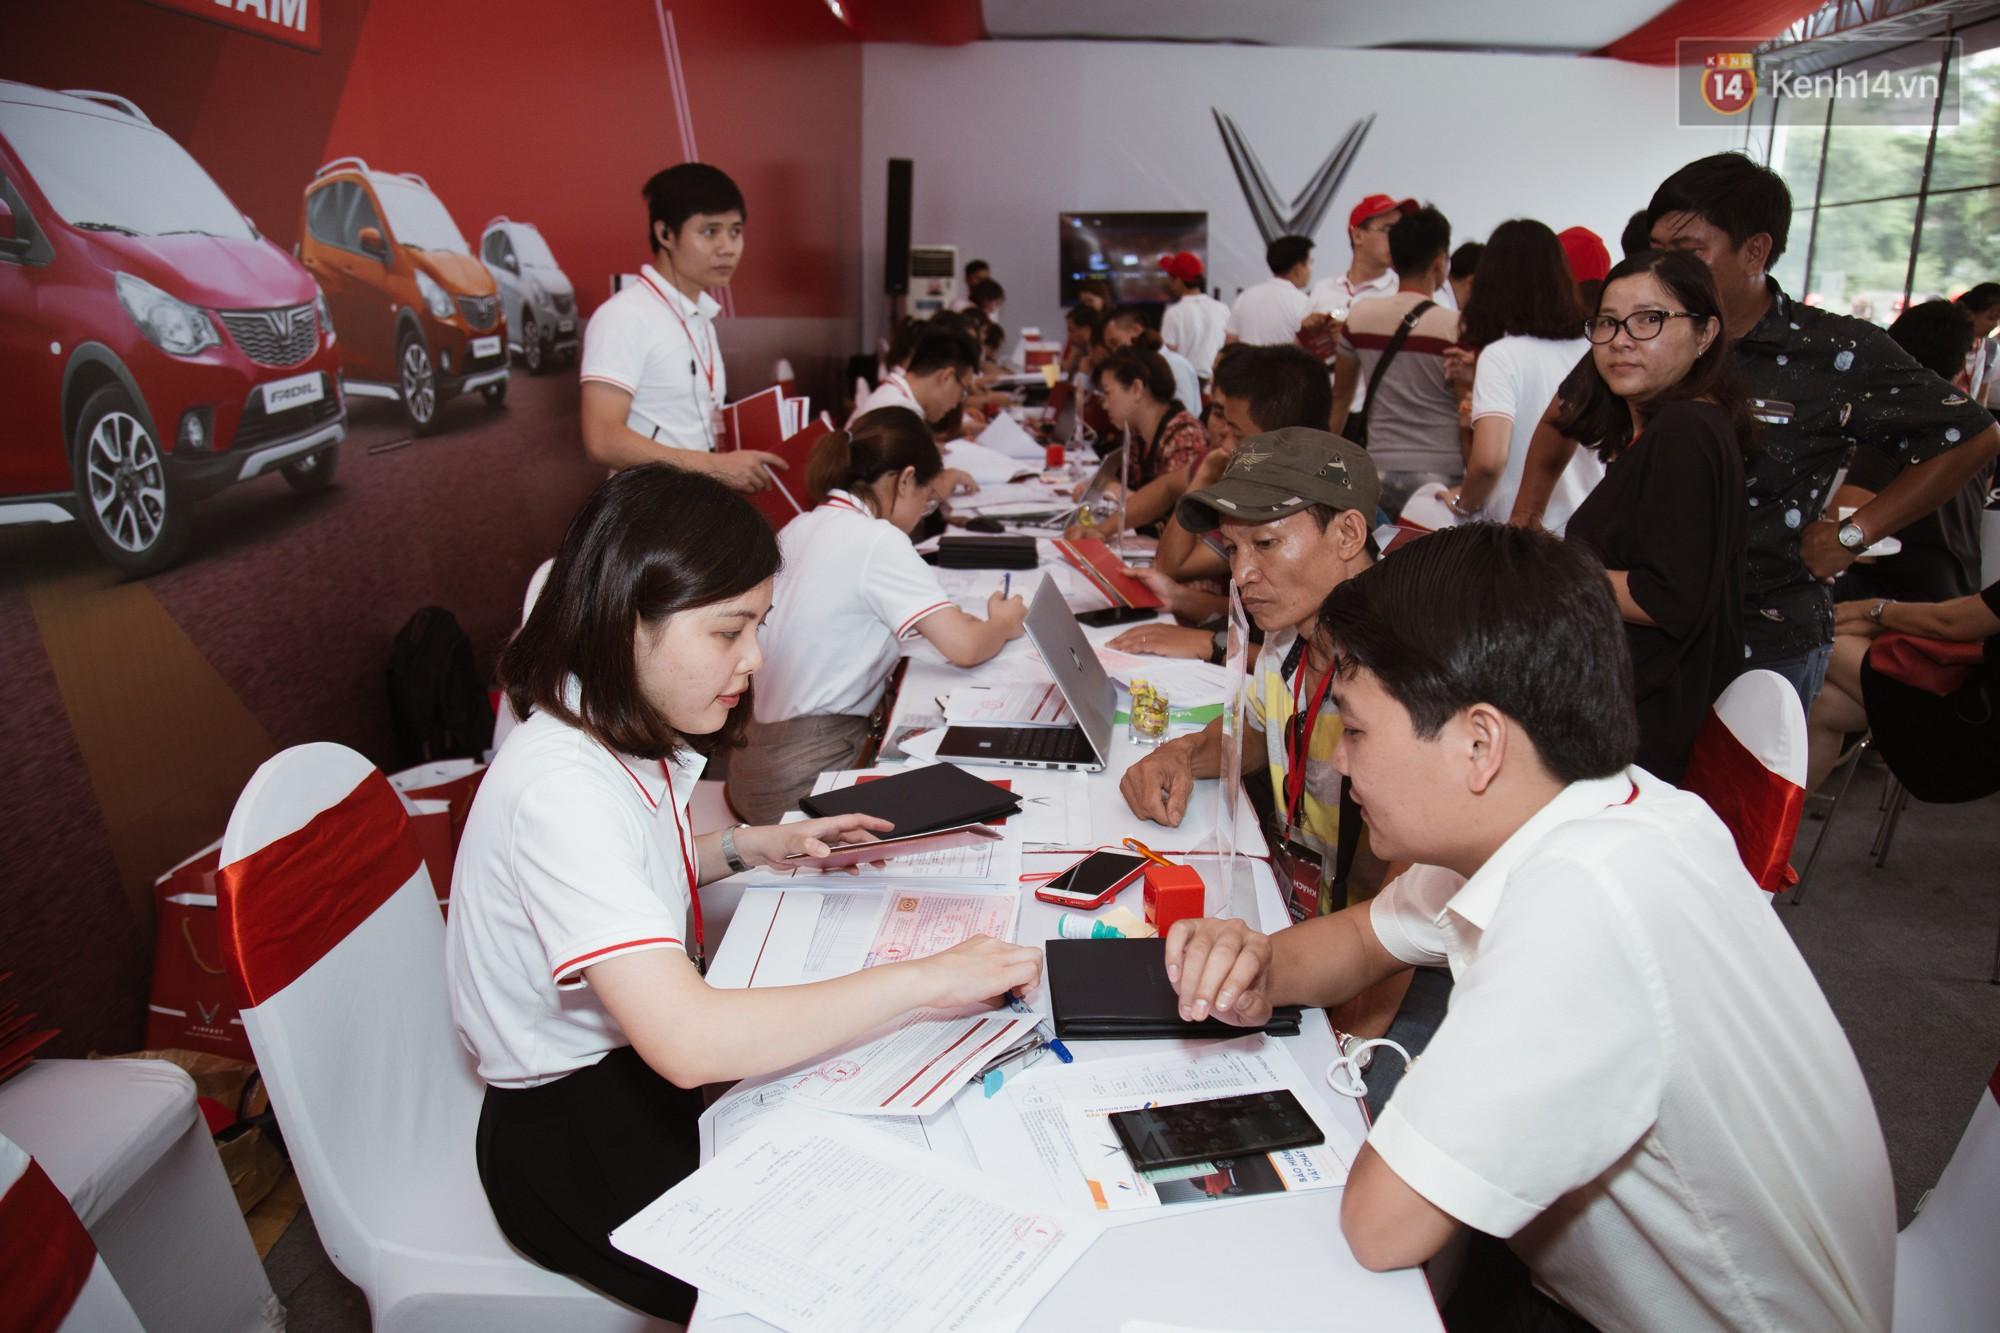 VinFast bàn giao hàng trăm xe ô tô Fadil, khách hàng tự hào: Người Việt dùng hàng Việt! - Ảnh 19.